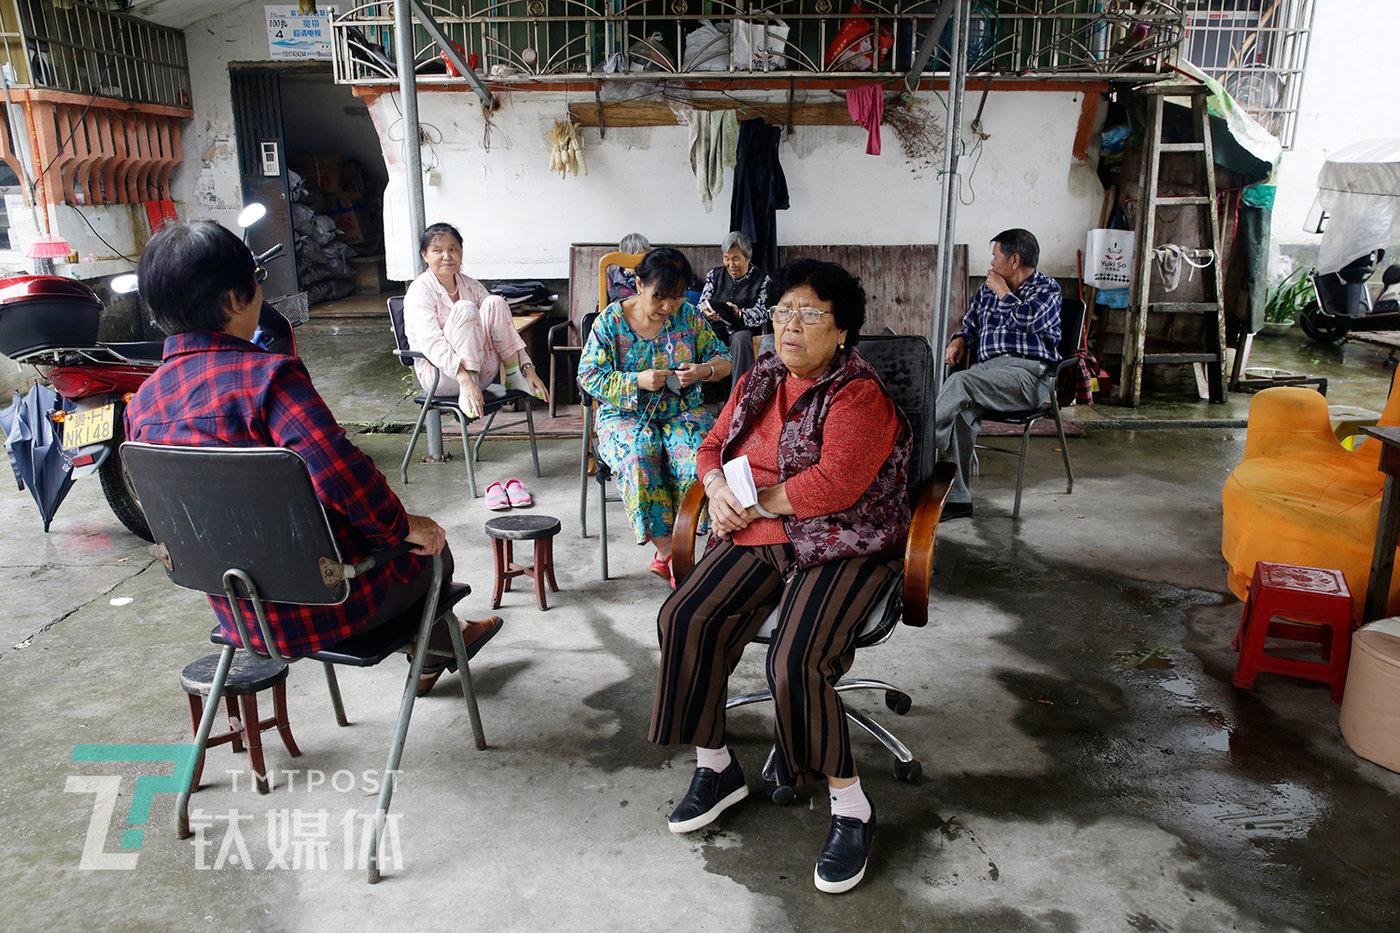 """丹寨县县城有一个""""汞矿小区"""",这个小区里80%的居民都是原汞矿工人和他们的家属。"""